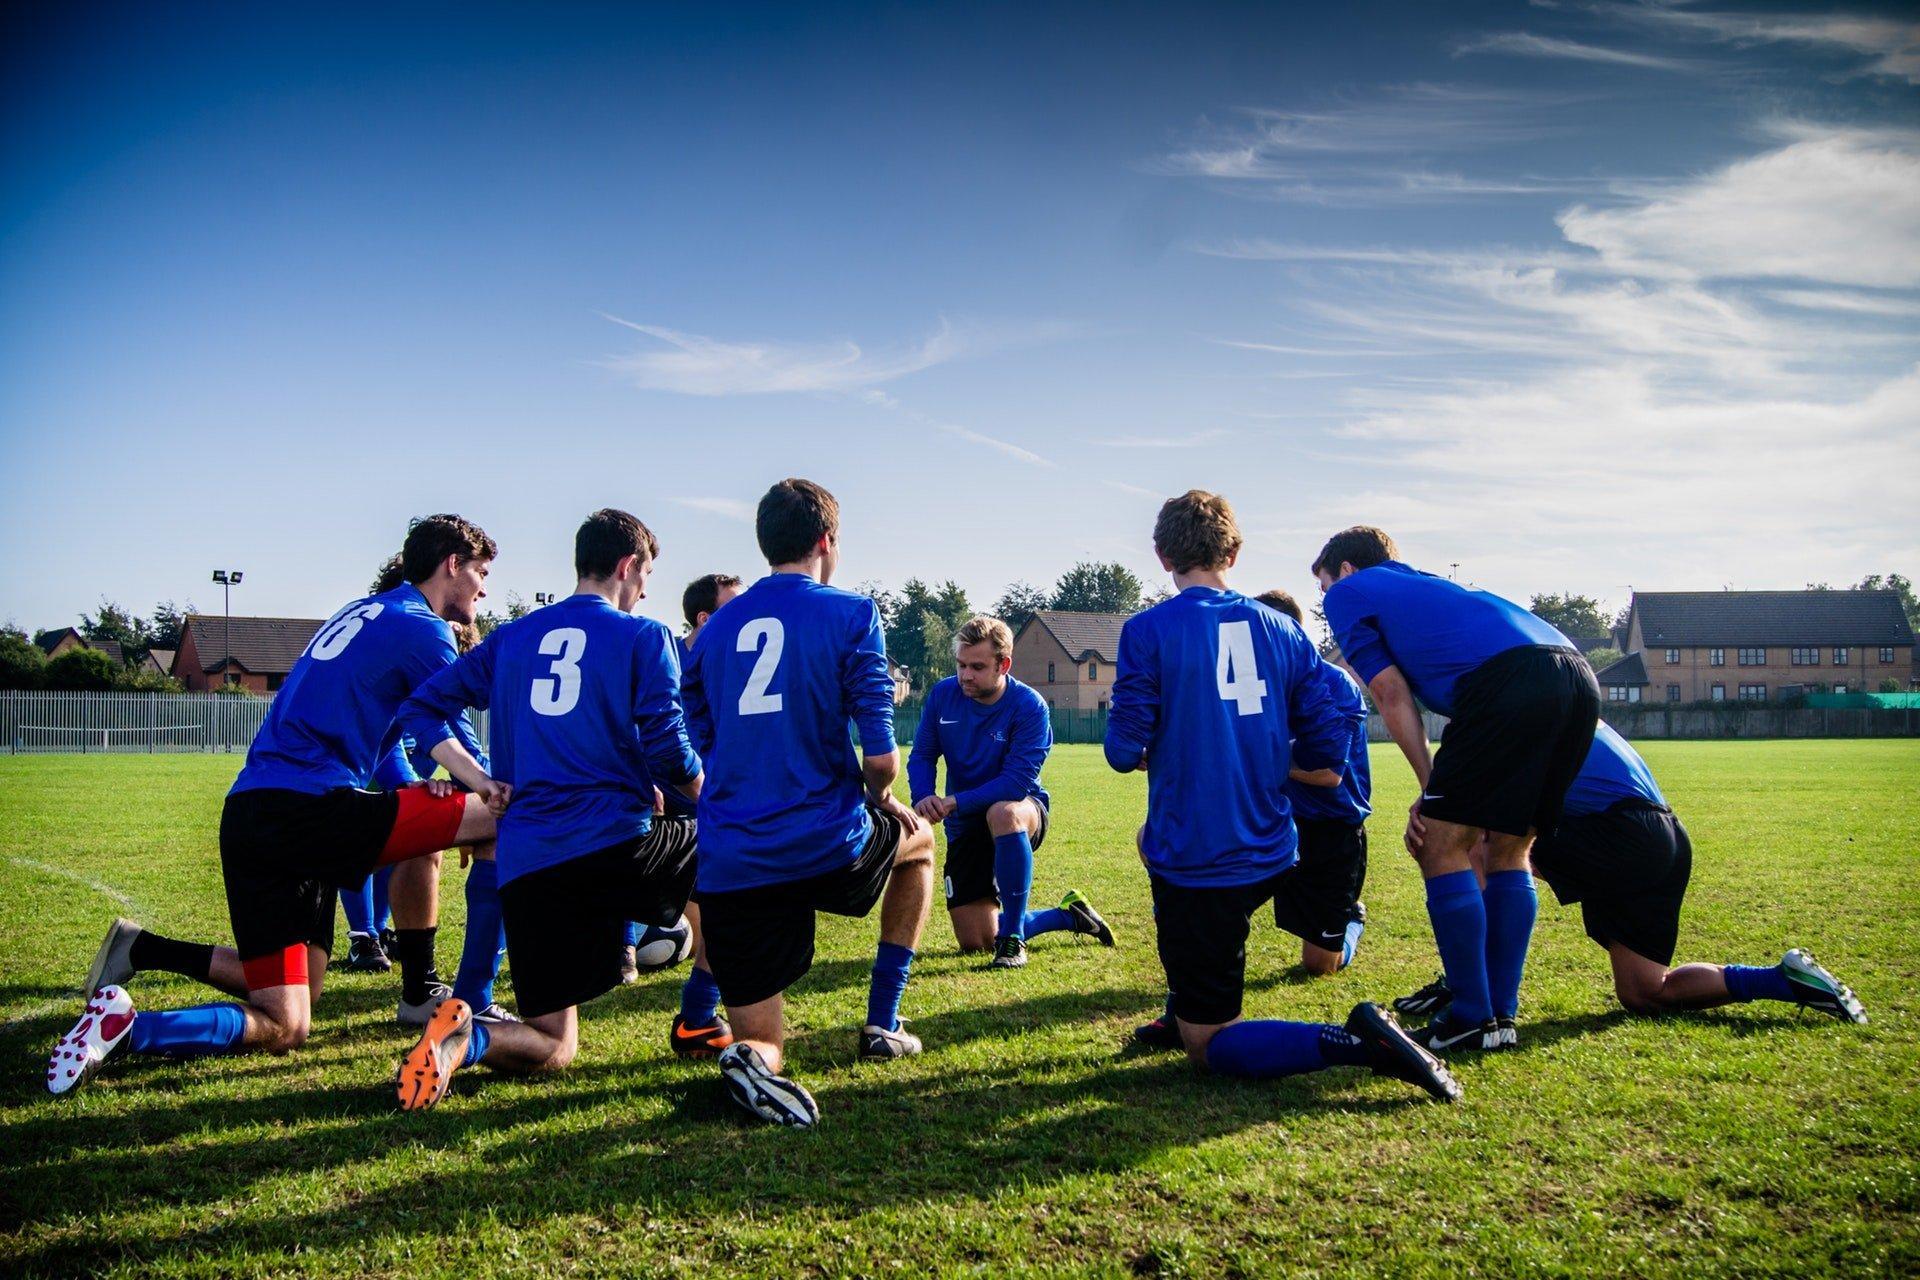 Group Management: Focus